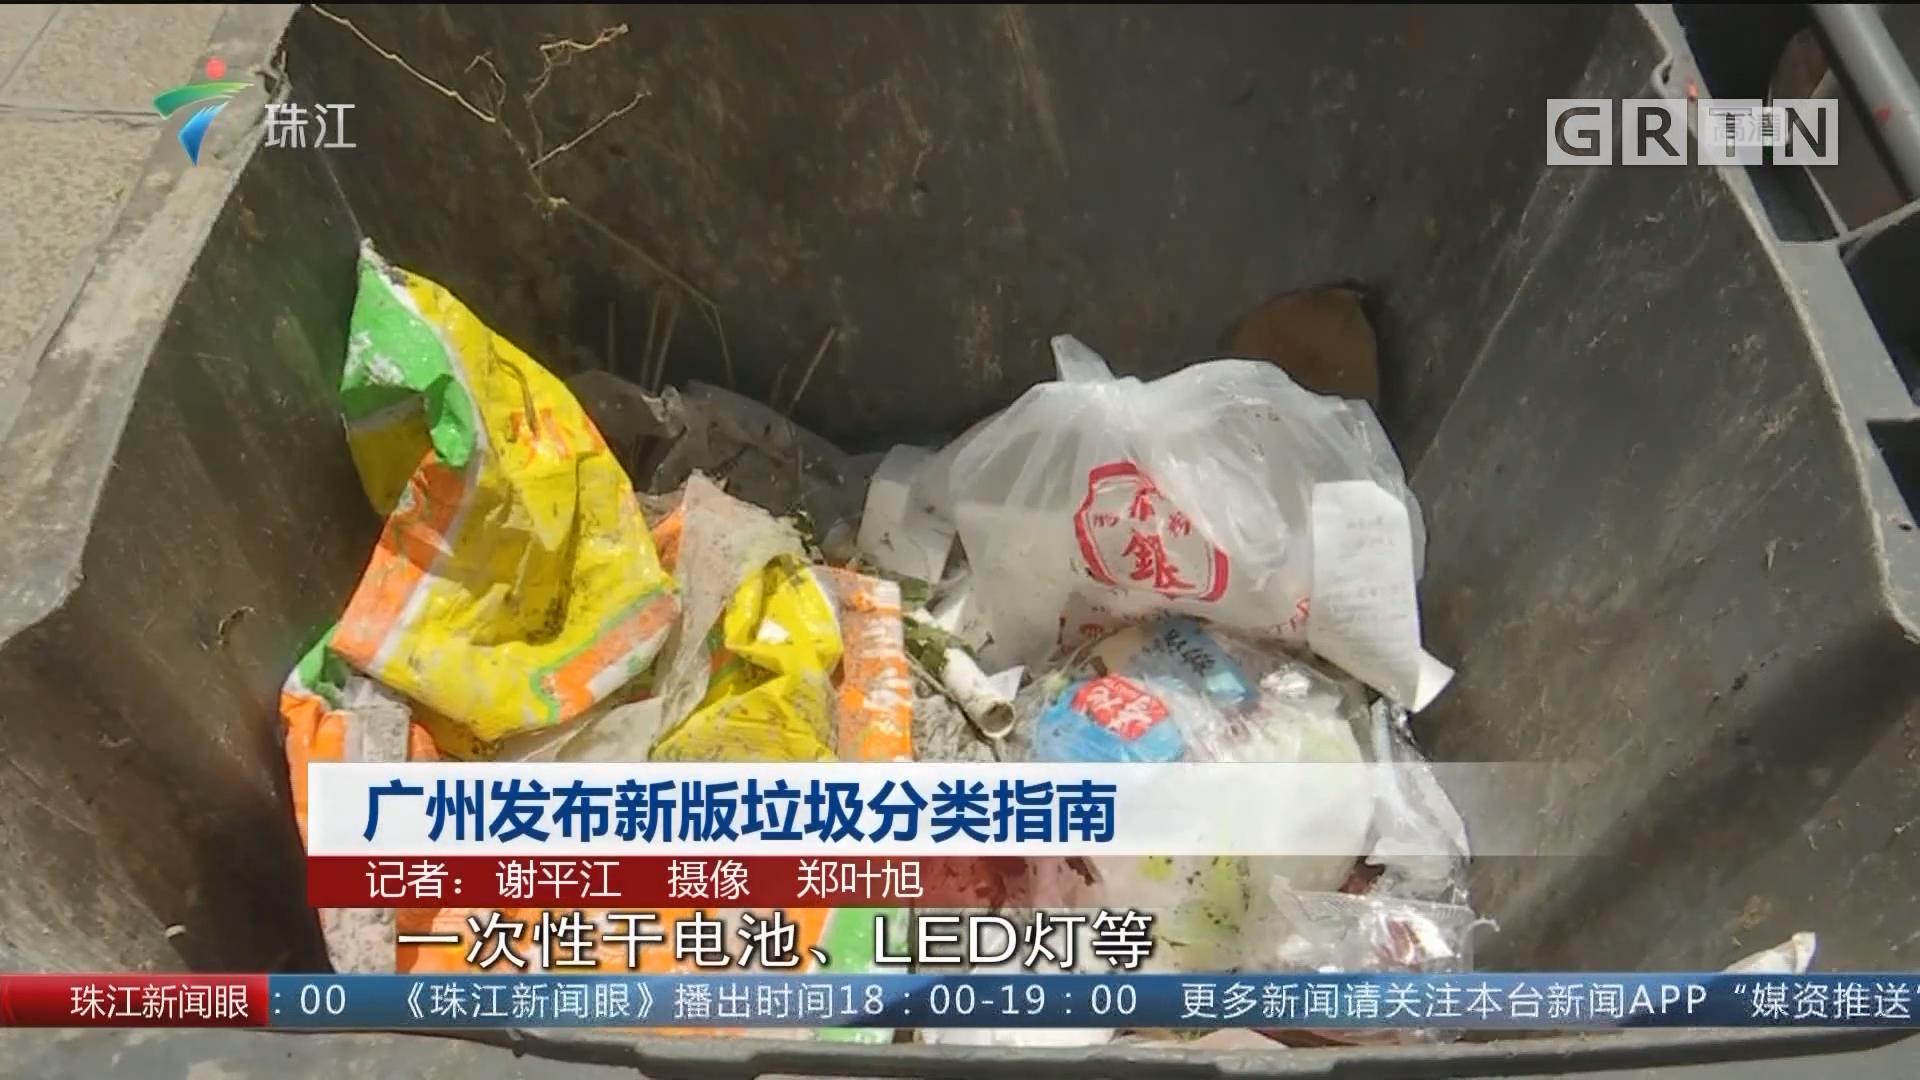 广州发布新版垃圾分类指南